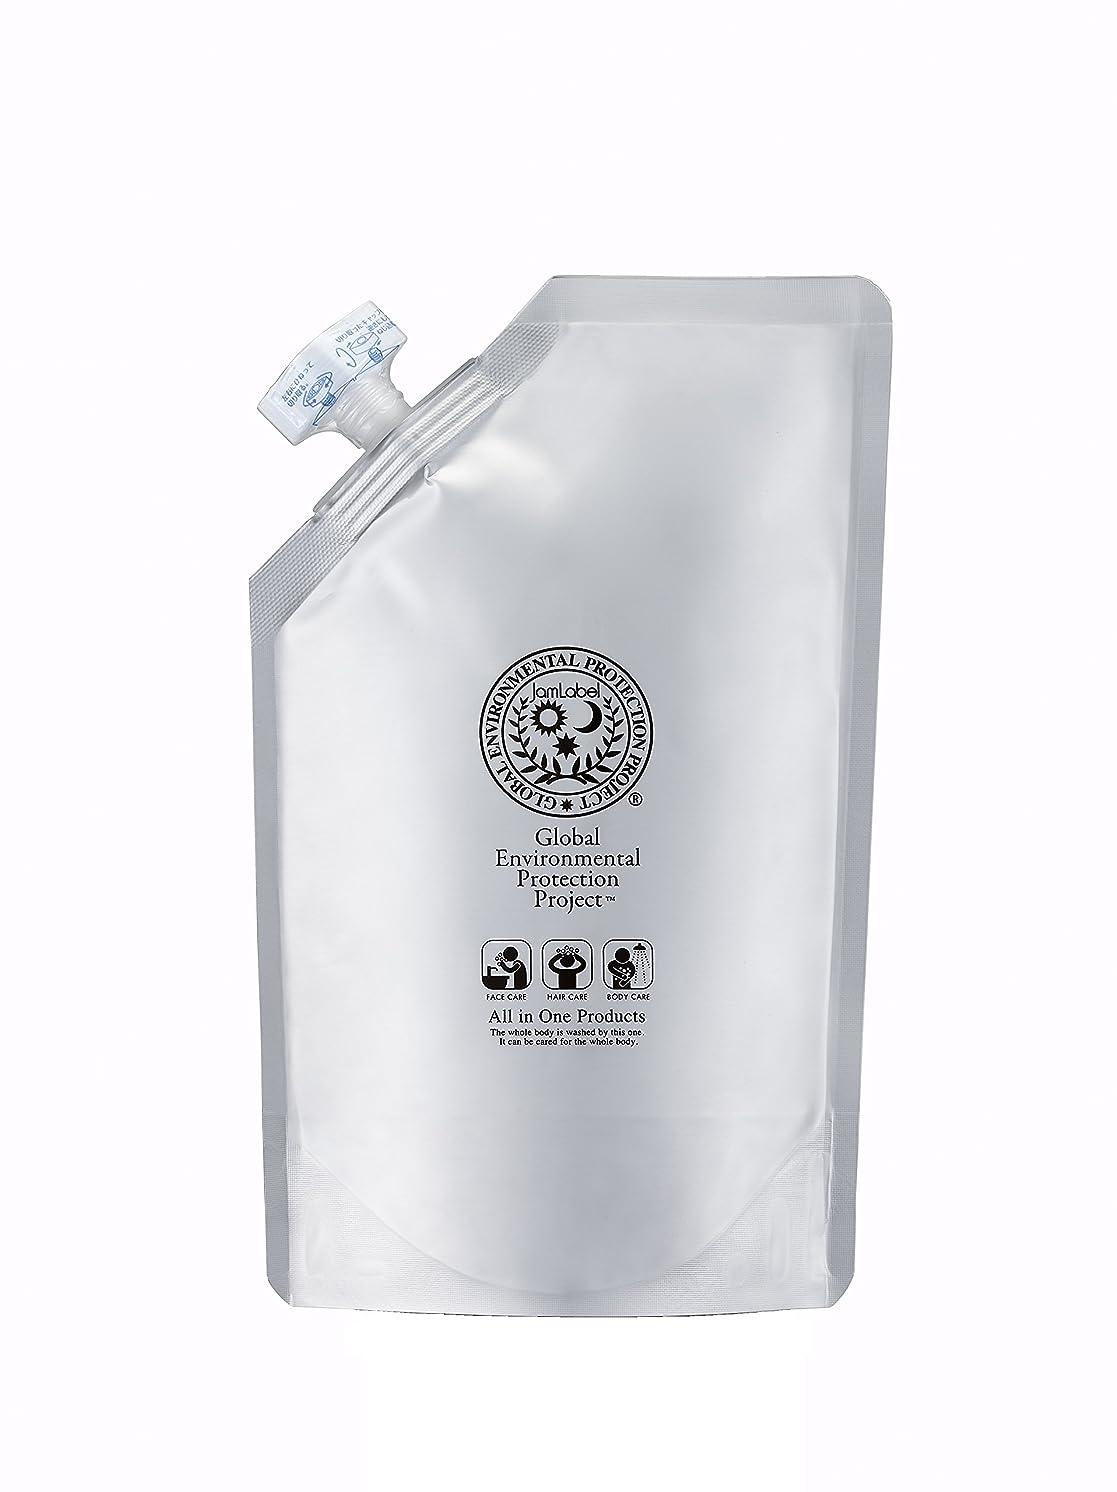 パトロン国肥満Jamlabel 無添加全身用シャンプー ジャムレーベルシャンプー500ml詰替用